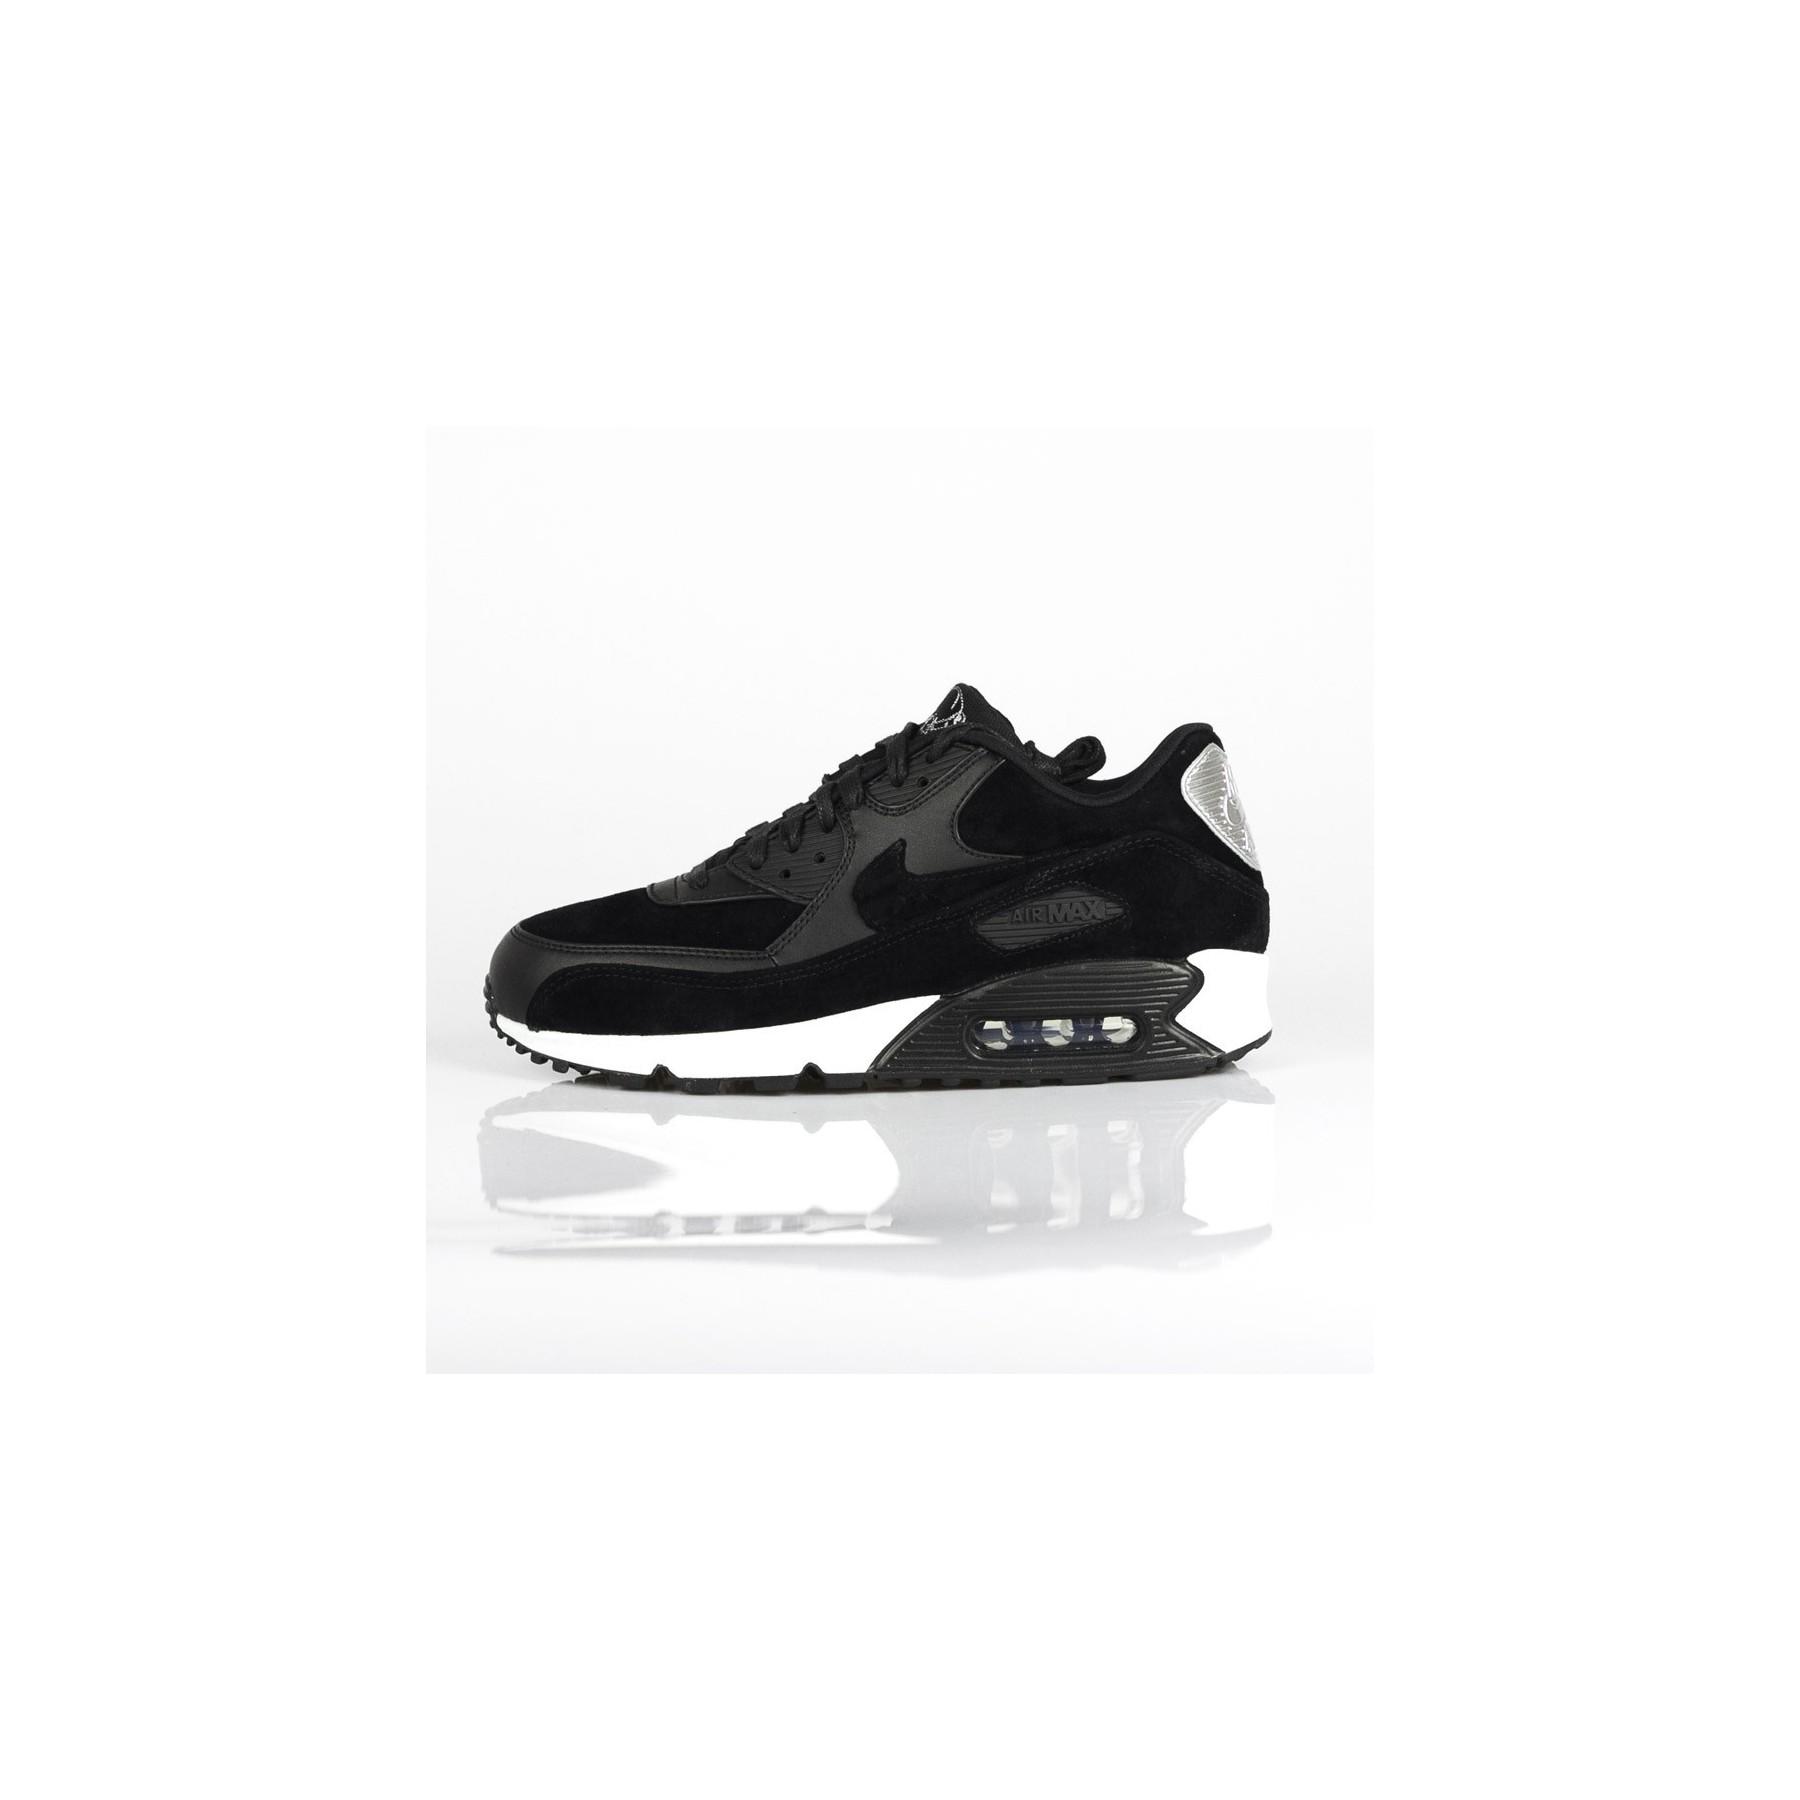 11bee6f1bf6268 ... new zealand scarpa bassa air max 90 premium stg 01525 0bb16